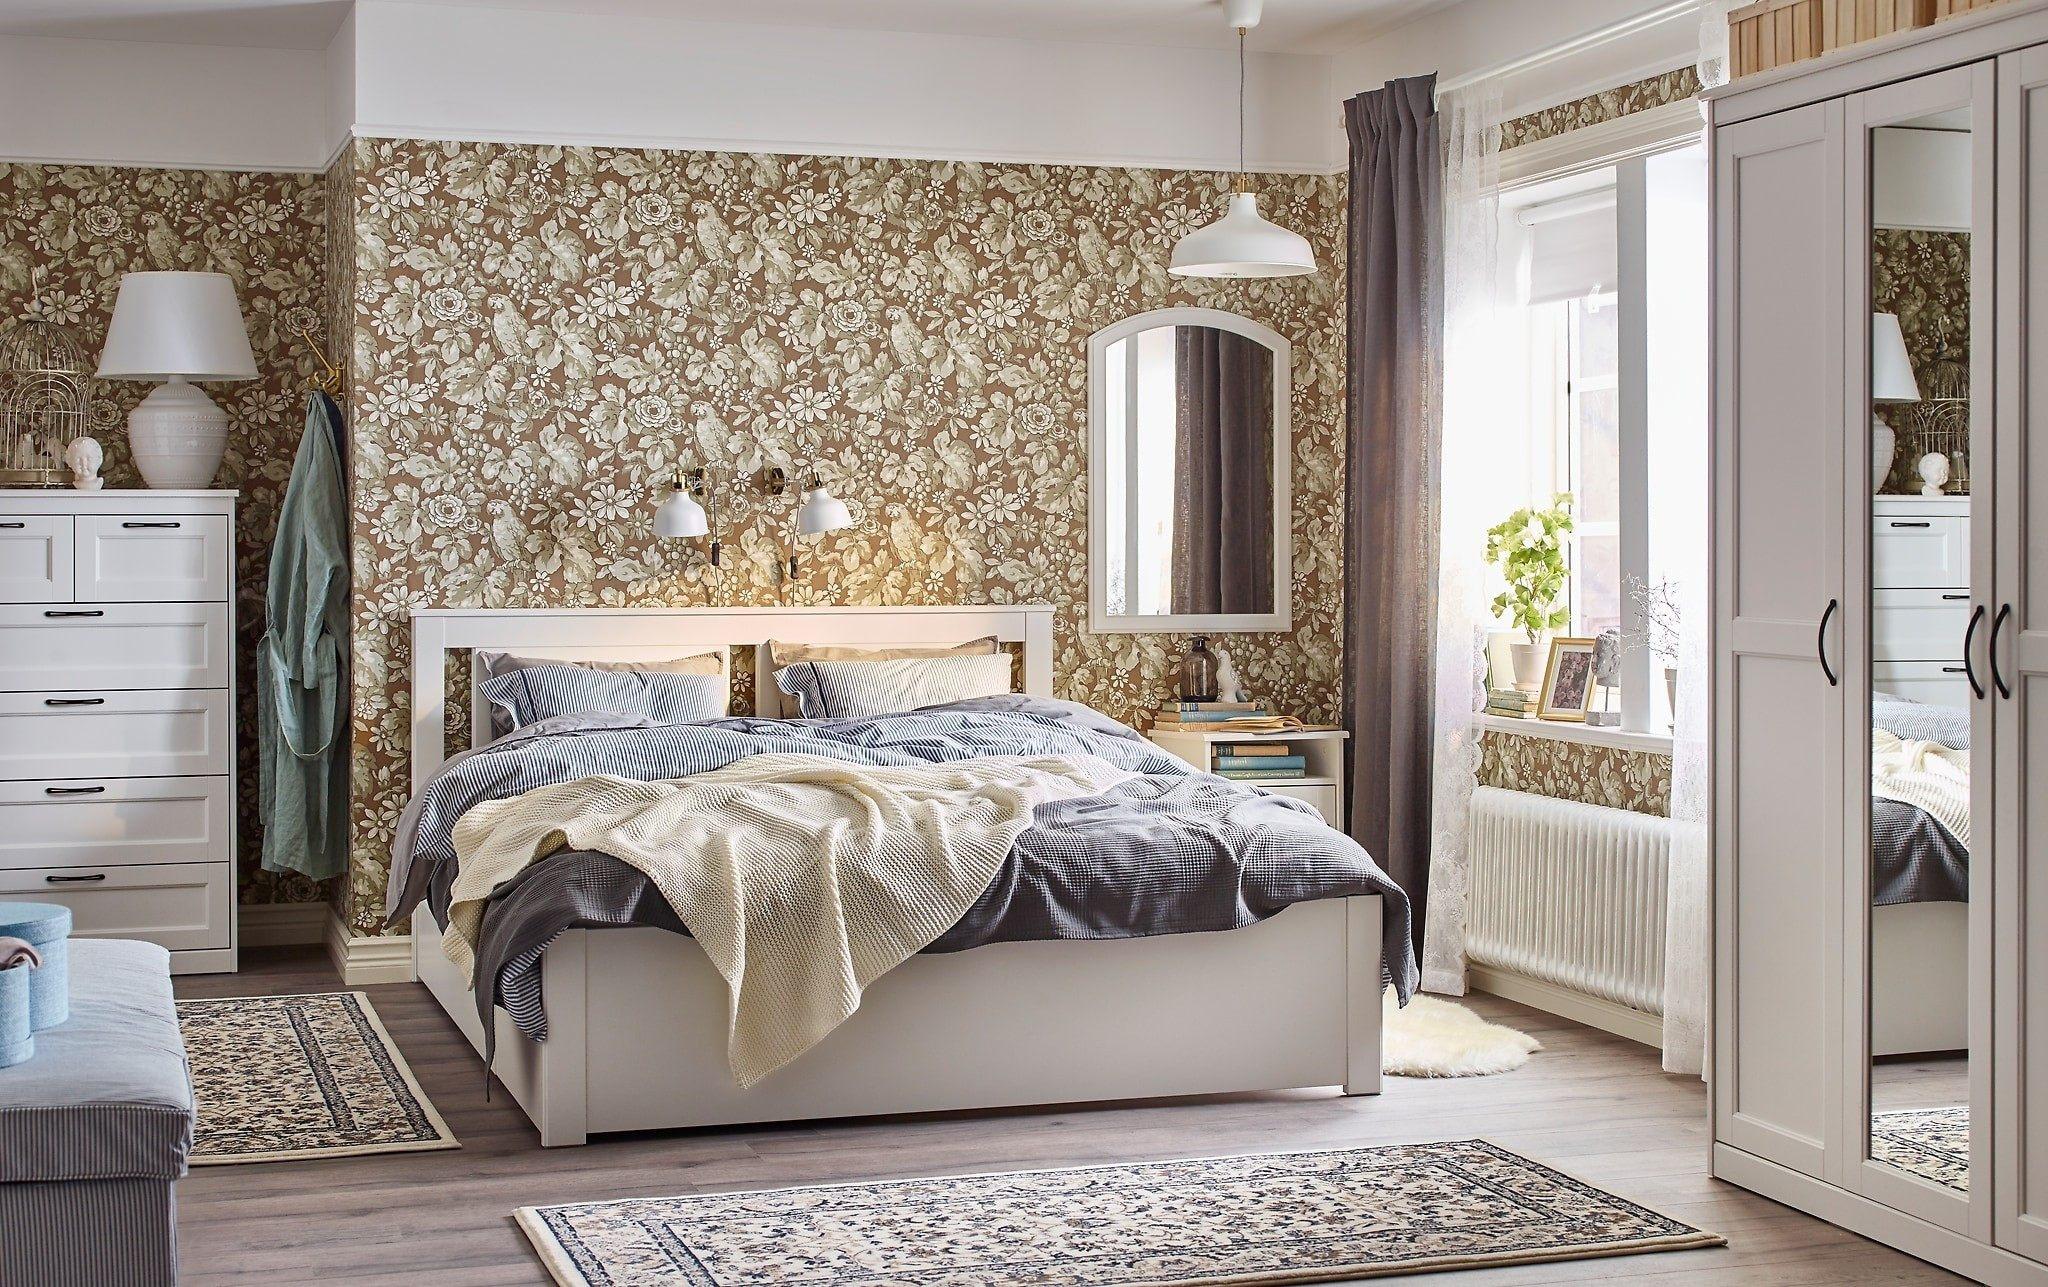 Chambre plete Fille Ikea Beautiful Lit Fantastique Lit Pont Lit